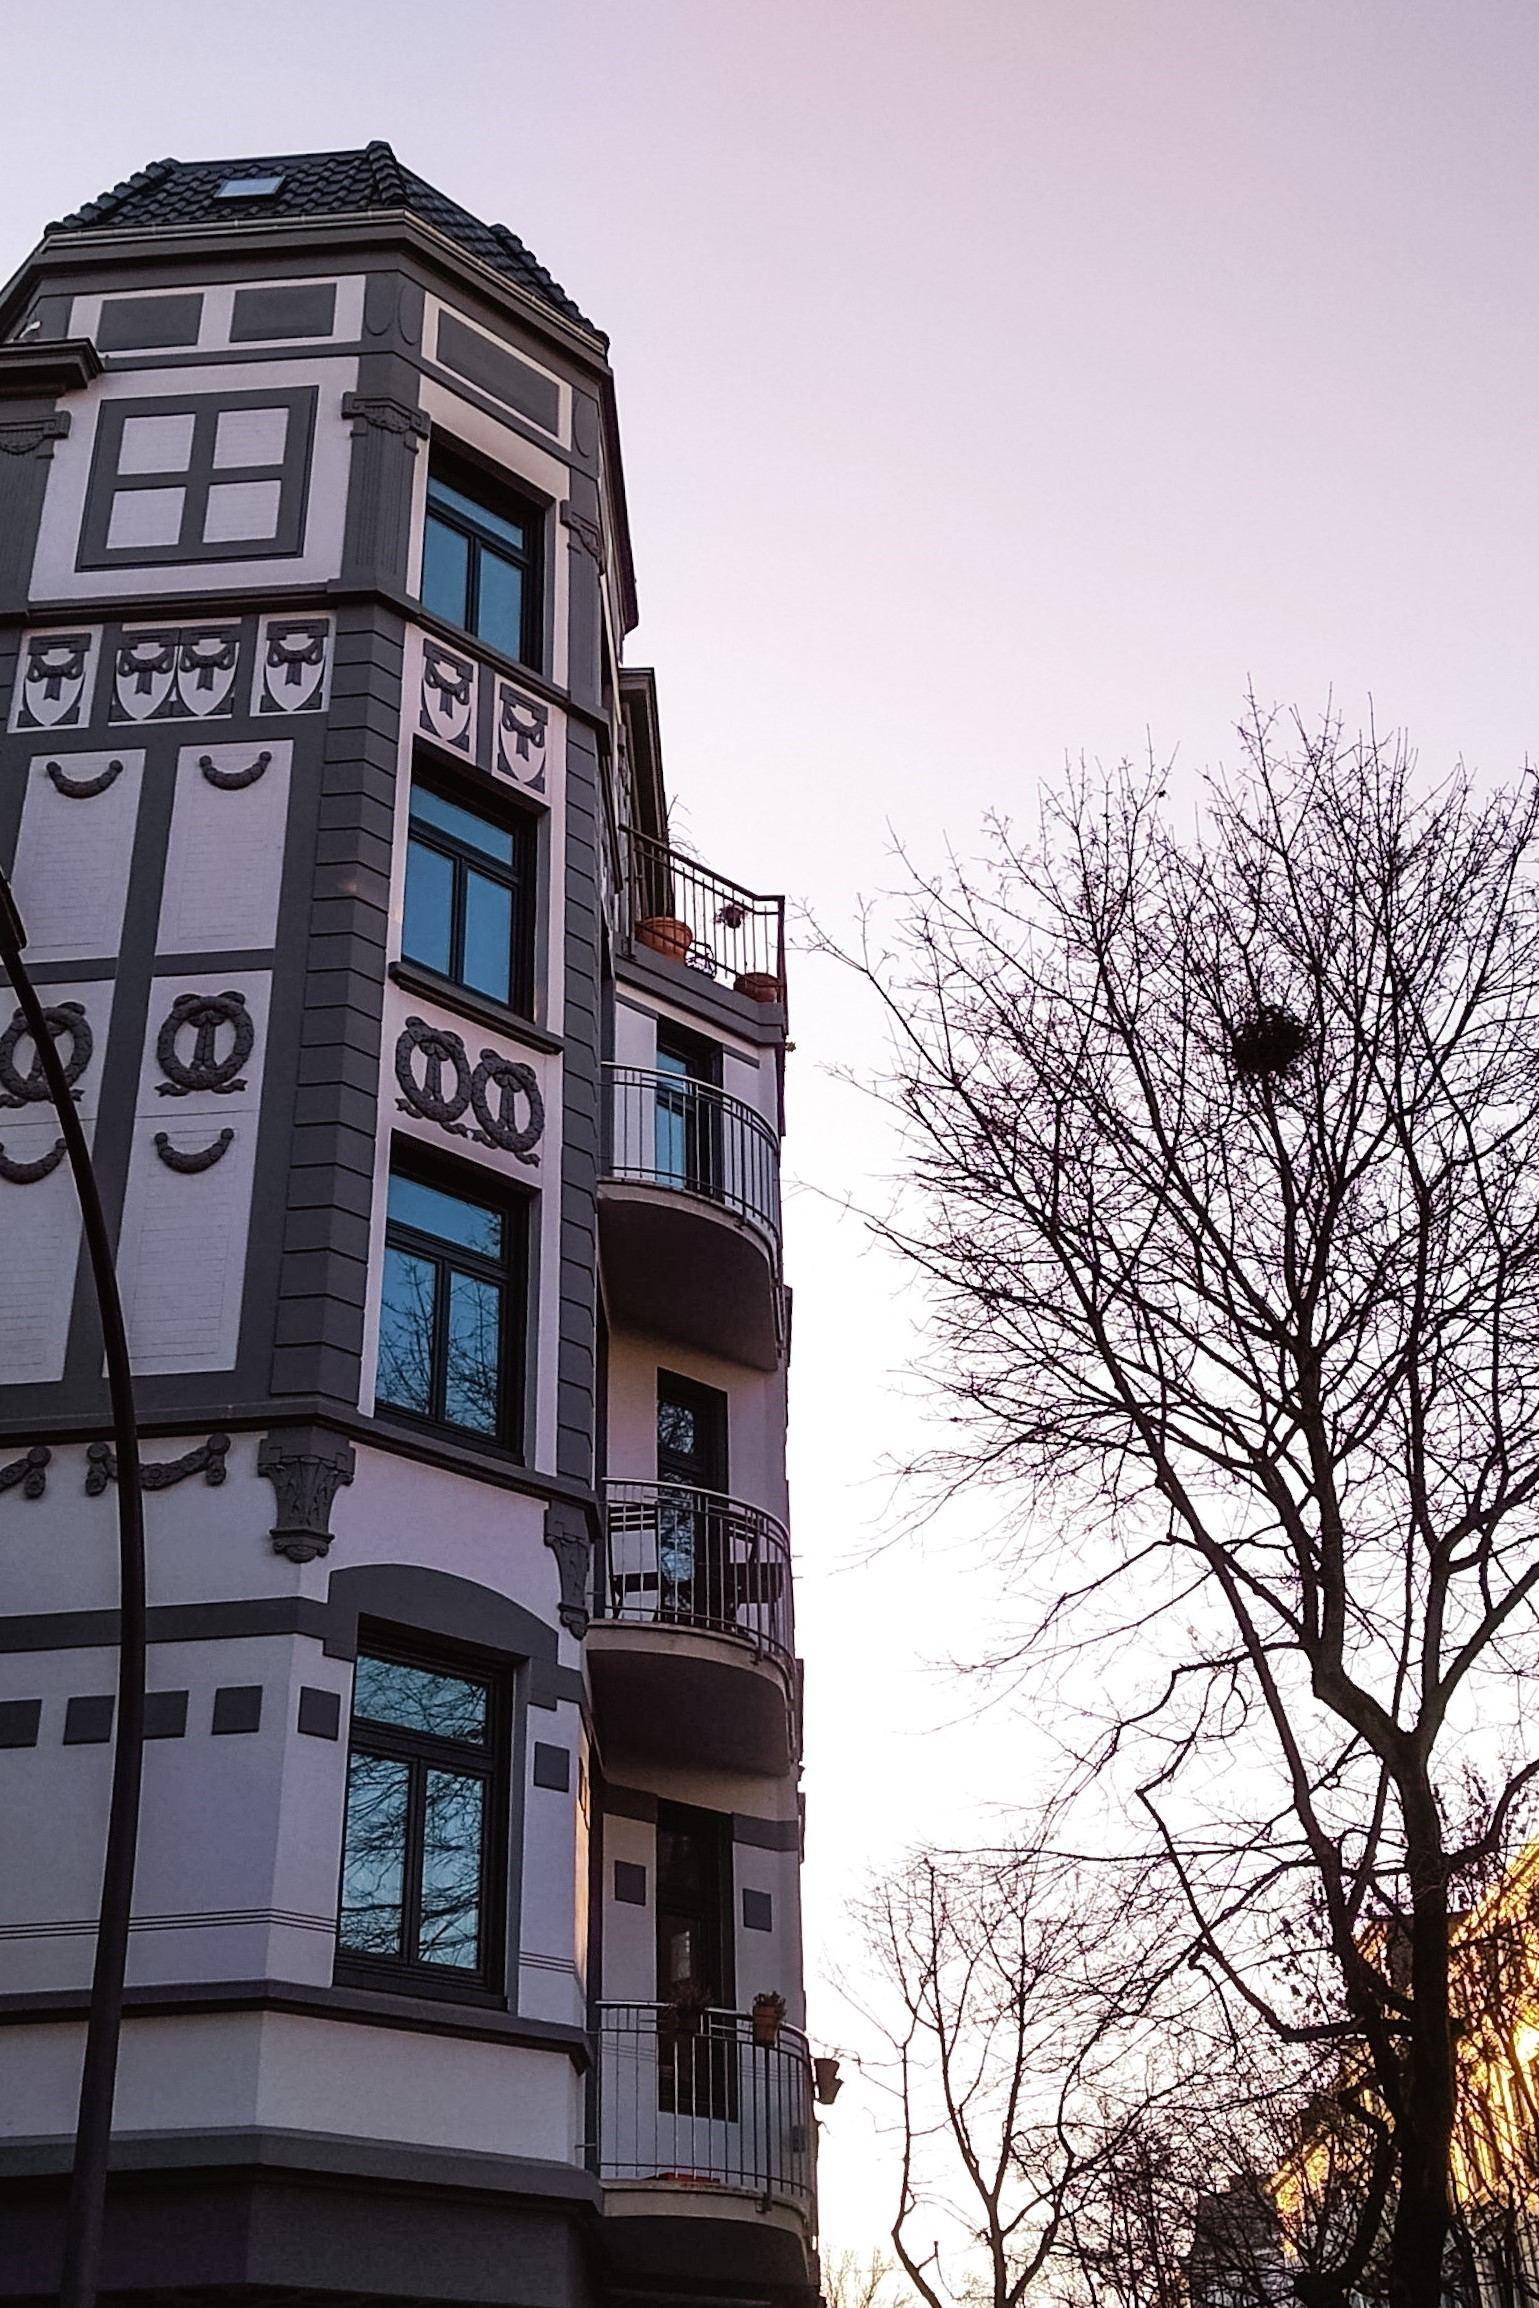 Doch dass die Bellealliancestraße in die Waterloostraße übergeht, lässt einen anderen Grund für die Namensgebung vermuten. Foto: Vanessa Leitschuh